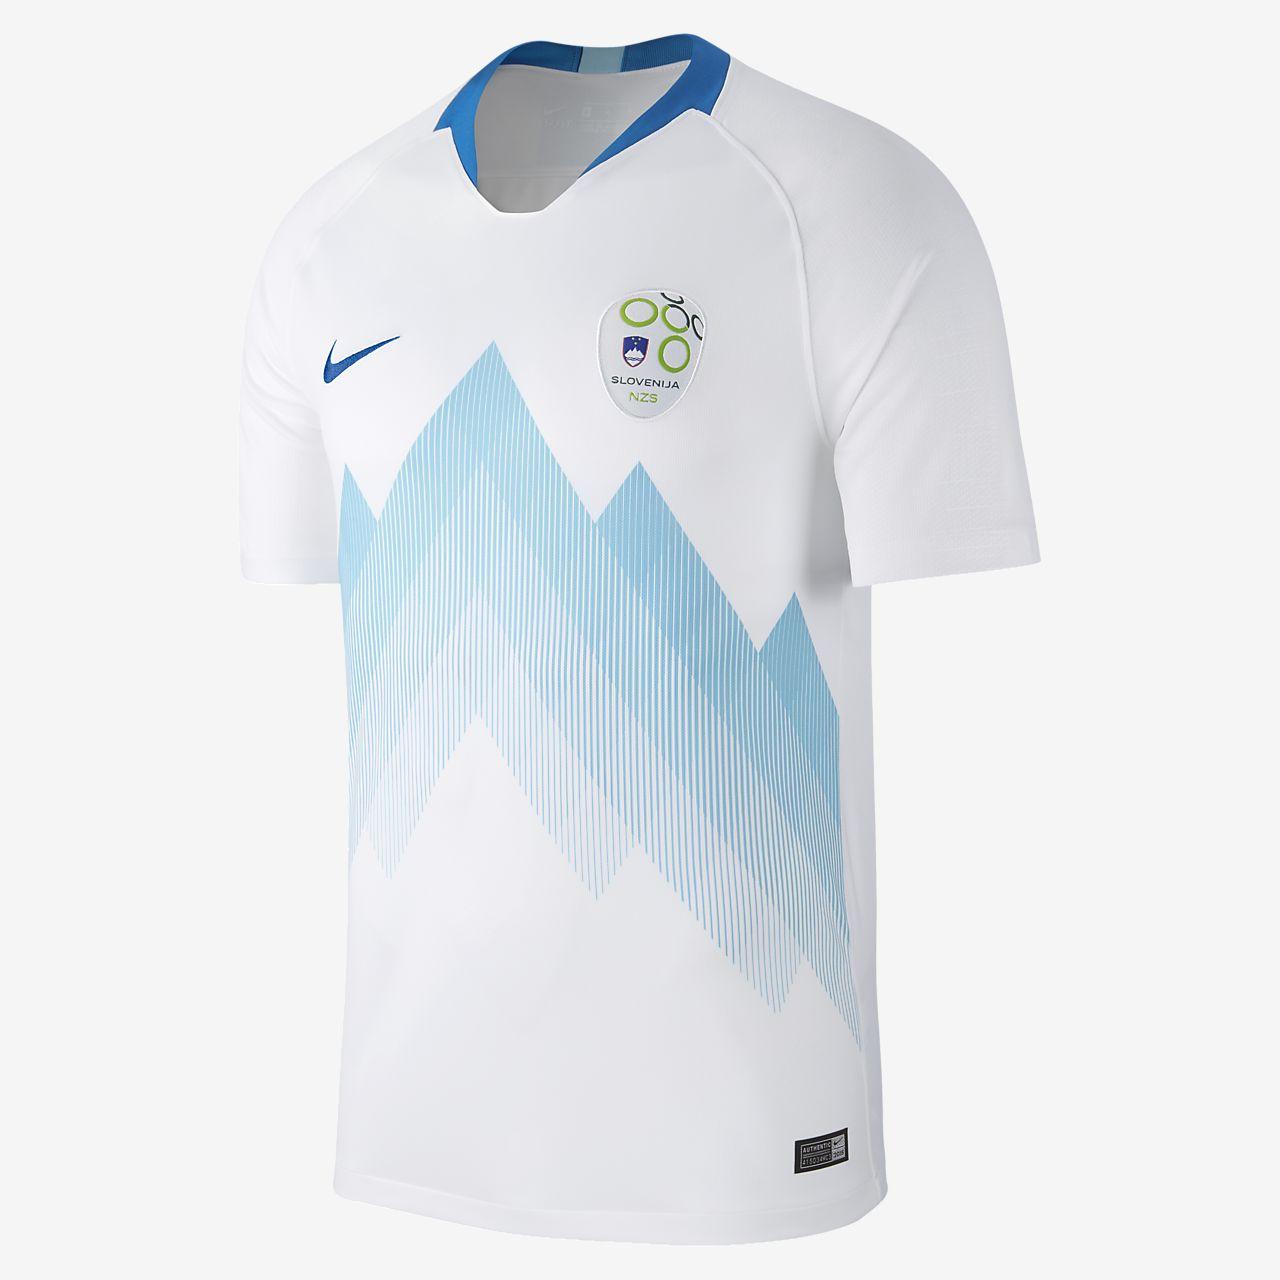 Camiseta de fútbol para hombre 2018 Slovenia Stadium Home